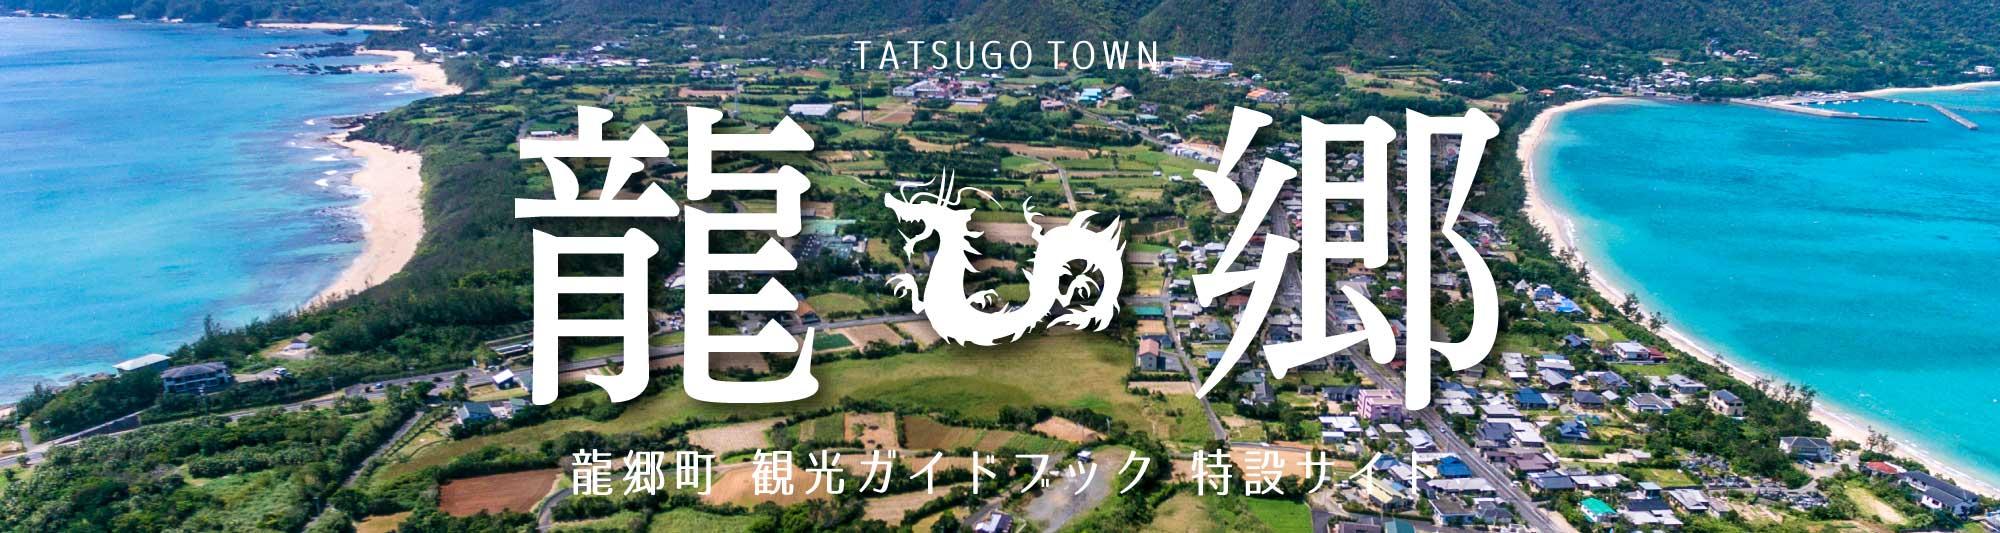 龍郷町観光ガイドブック特設サイト バナー